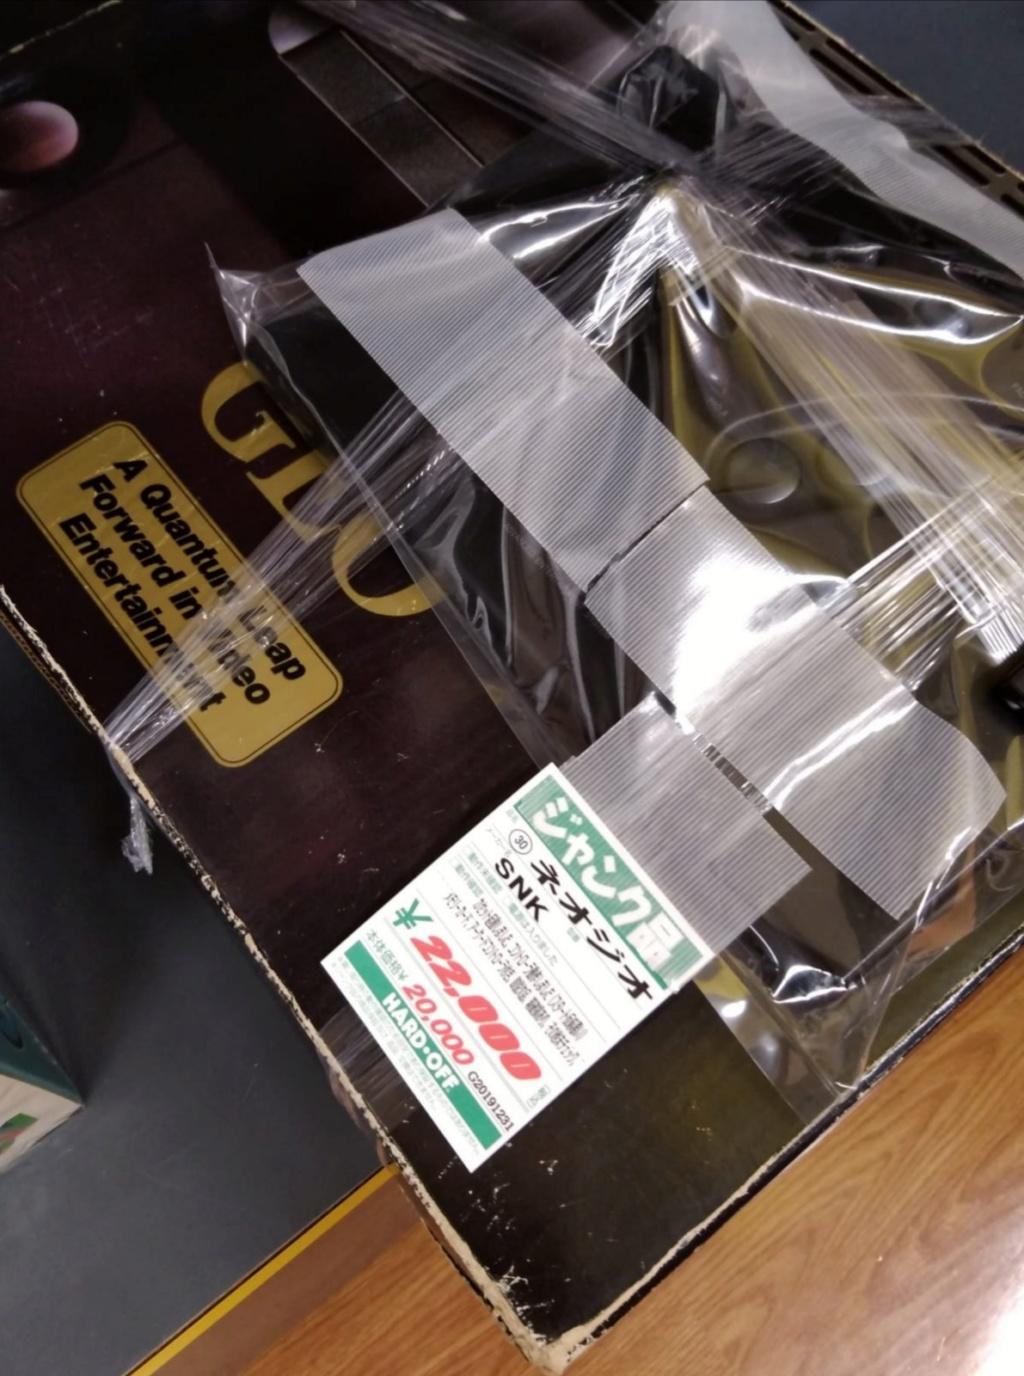 Super Potato a désormais une boutique eBay  - Page 2 Img_2069